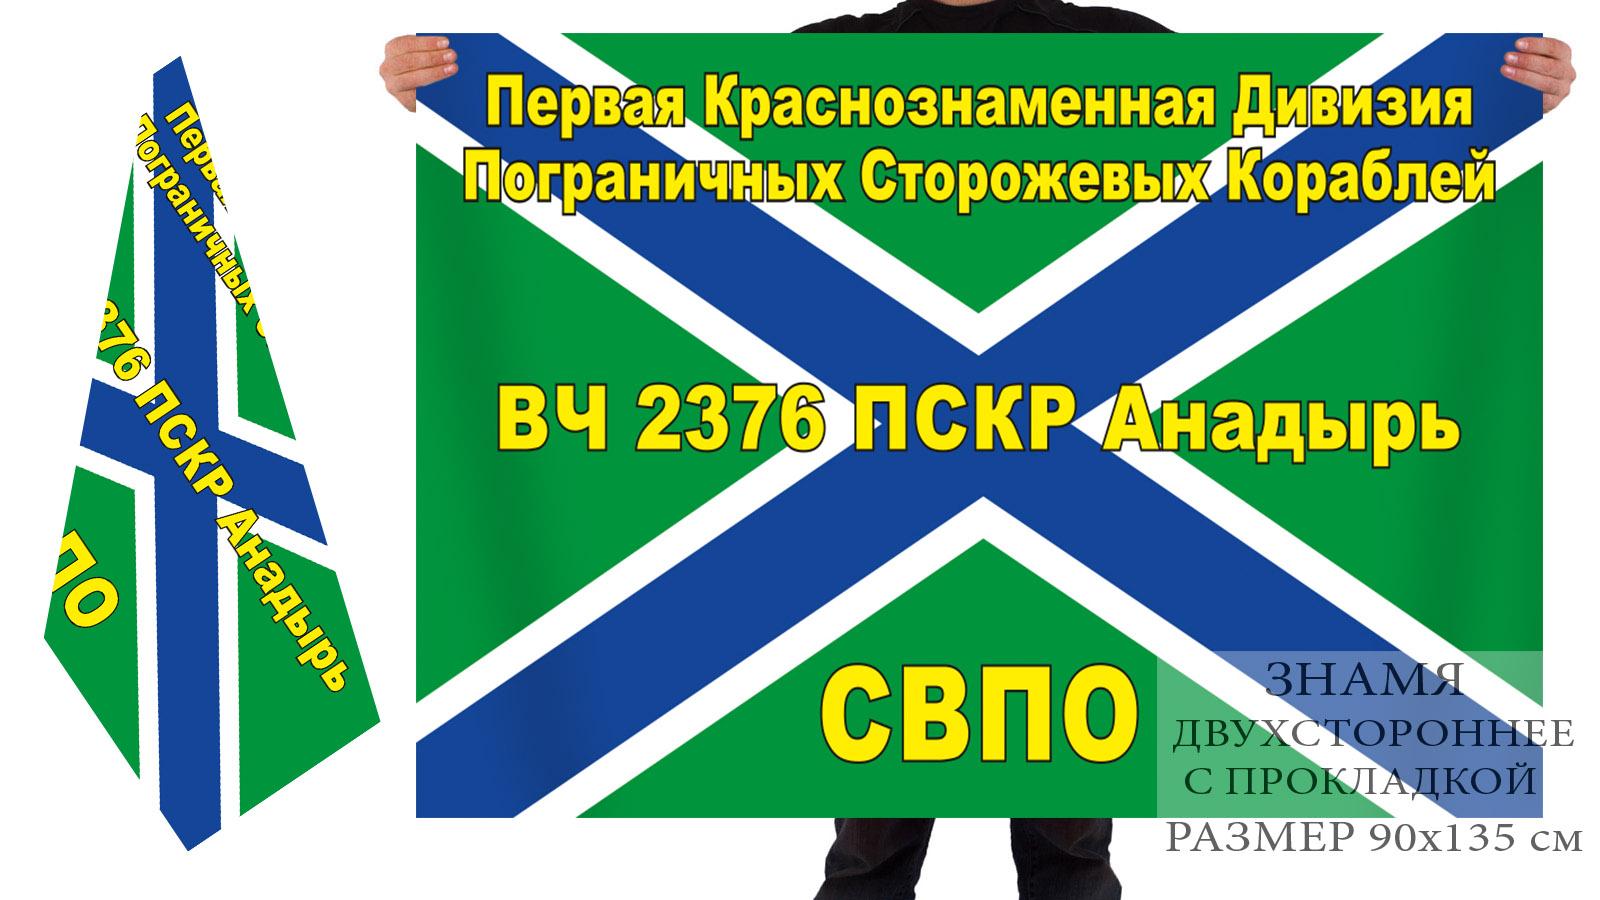 Флаг 1-я Краснознамённая дивизия пограничных сторожевых кораблей, в/ч 2376